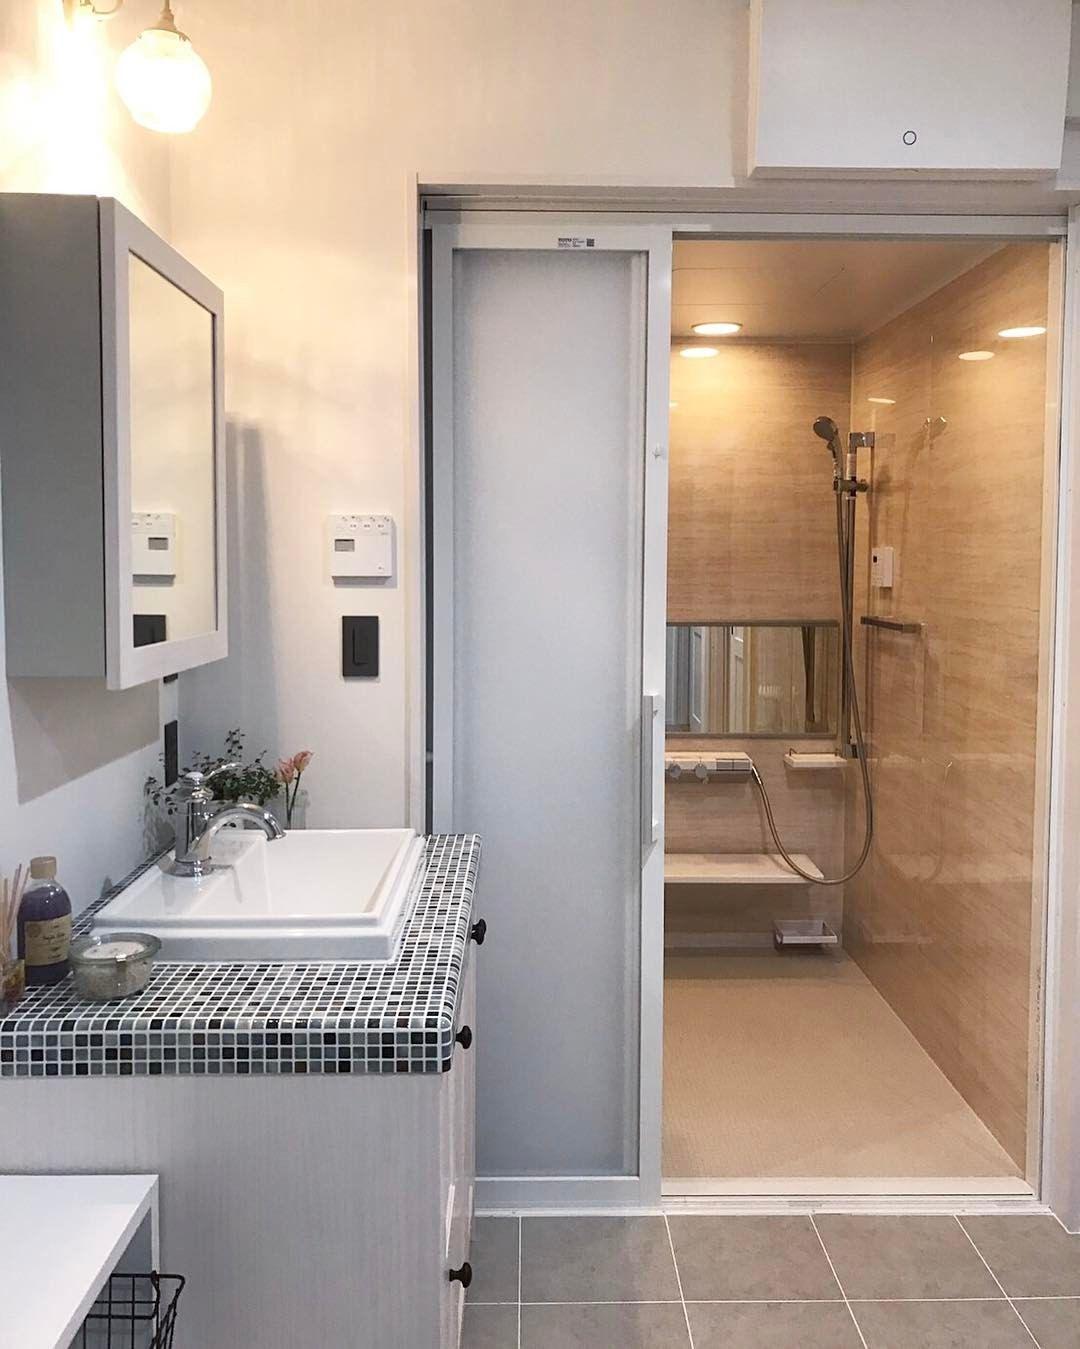 Totoの浴室 Sazana 壁パネルは オーソドックスな大理石の柄の